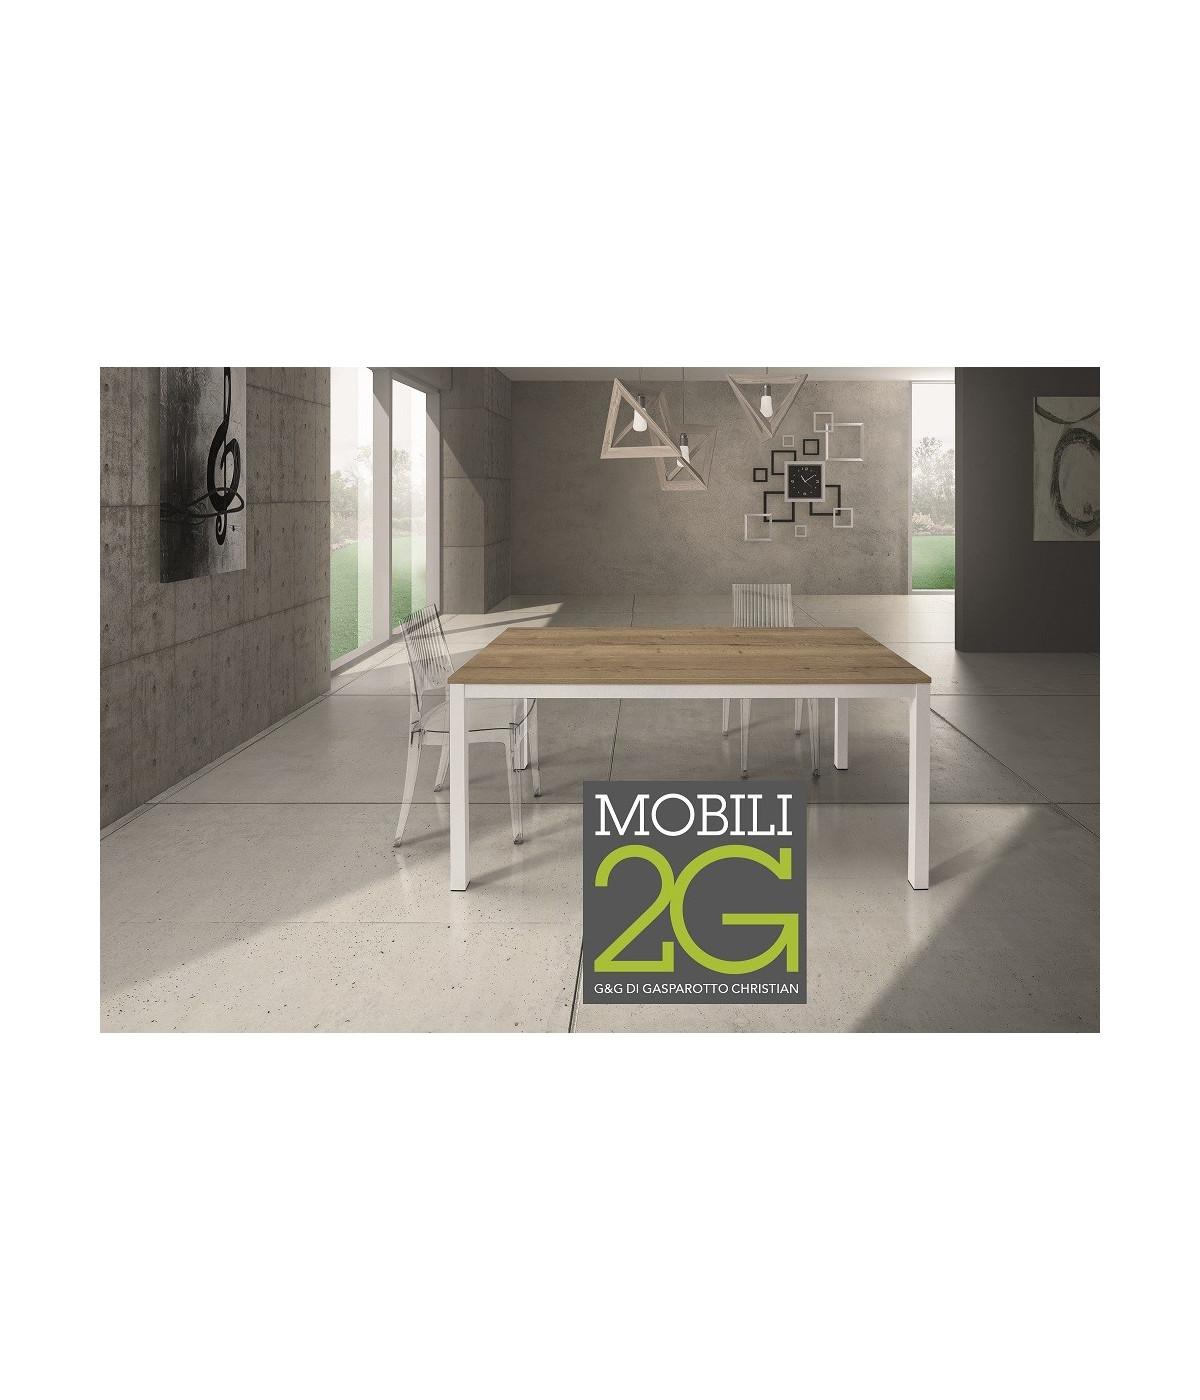 MOBILI2G -  consolle bagno barocca laccata avorio con particolari foglia oro MISURA : L.128 x H. 93 x P.57